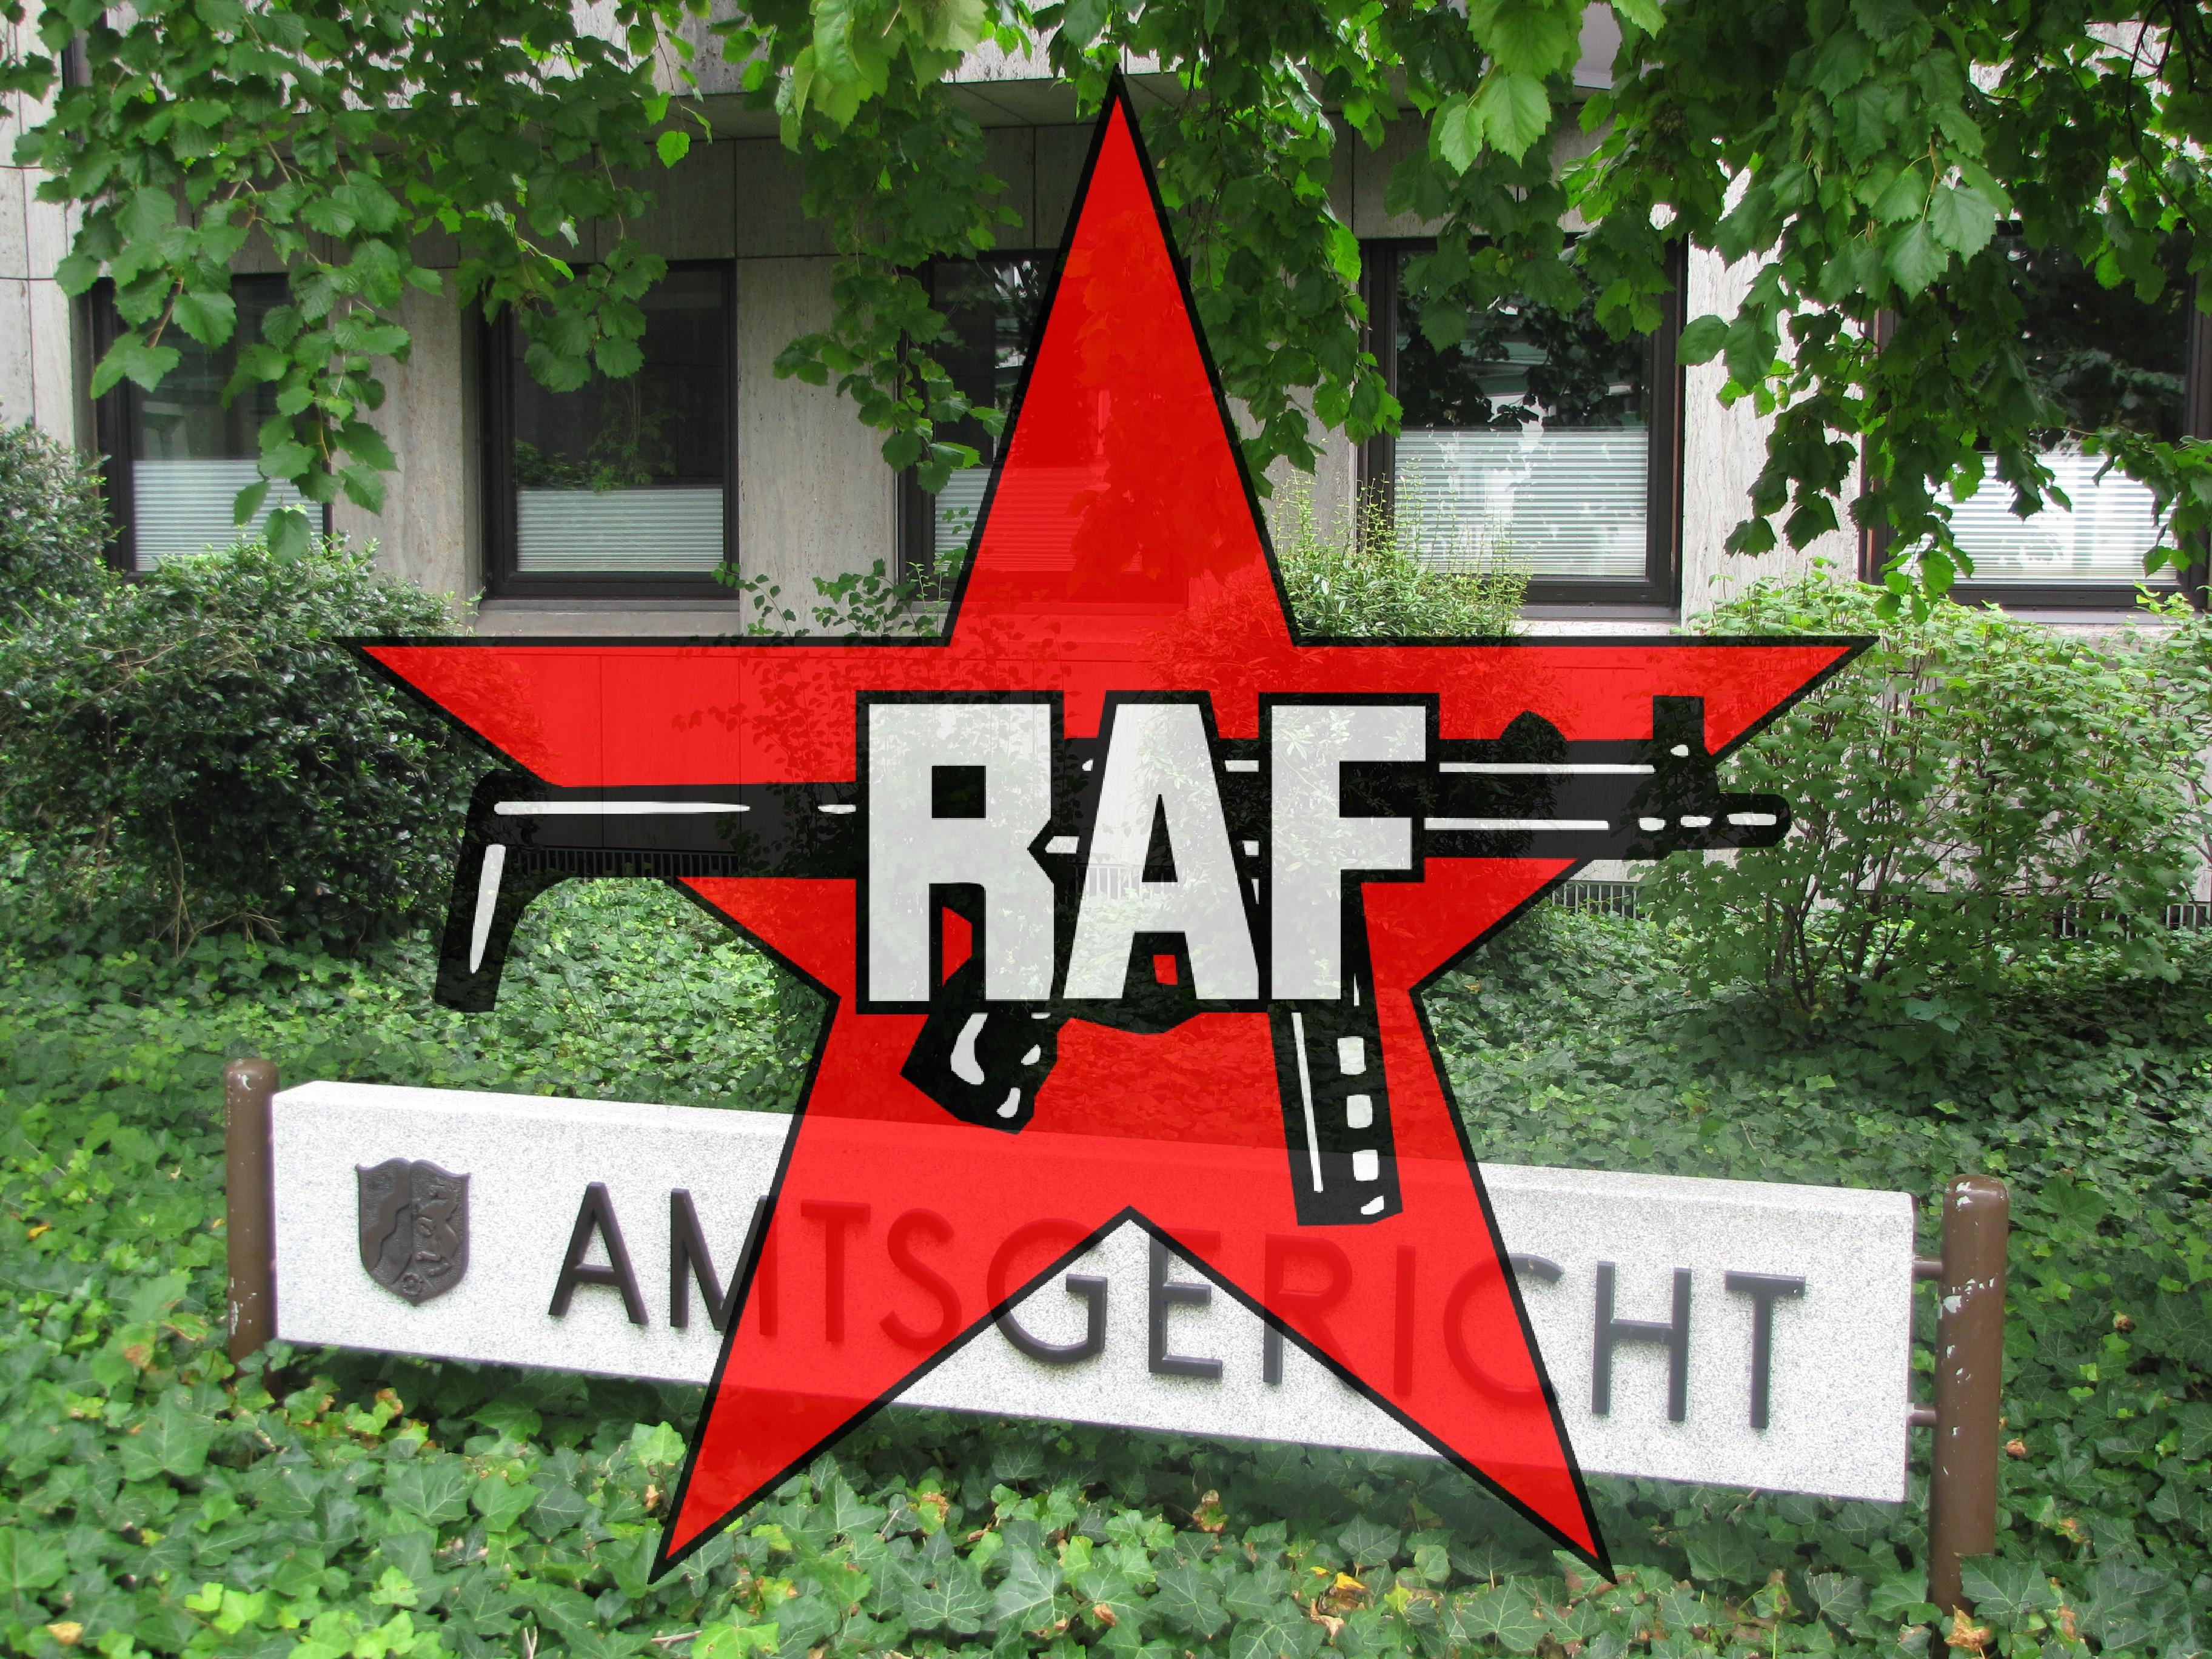 Amtsgericht Bielefeld Insolvenzabteilung öffnungszeiten Zwangsversteigerungen Nachlassgericht Urteile Kirchenaustritt Richter Familiengericht Richter Urteile (9)